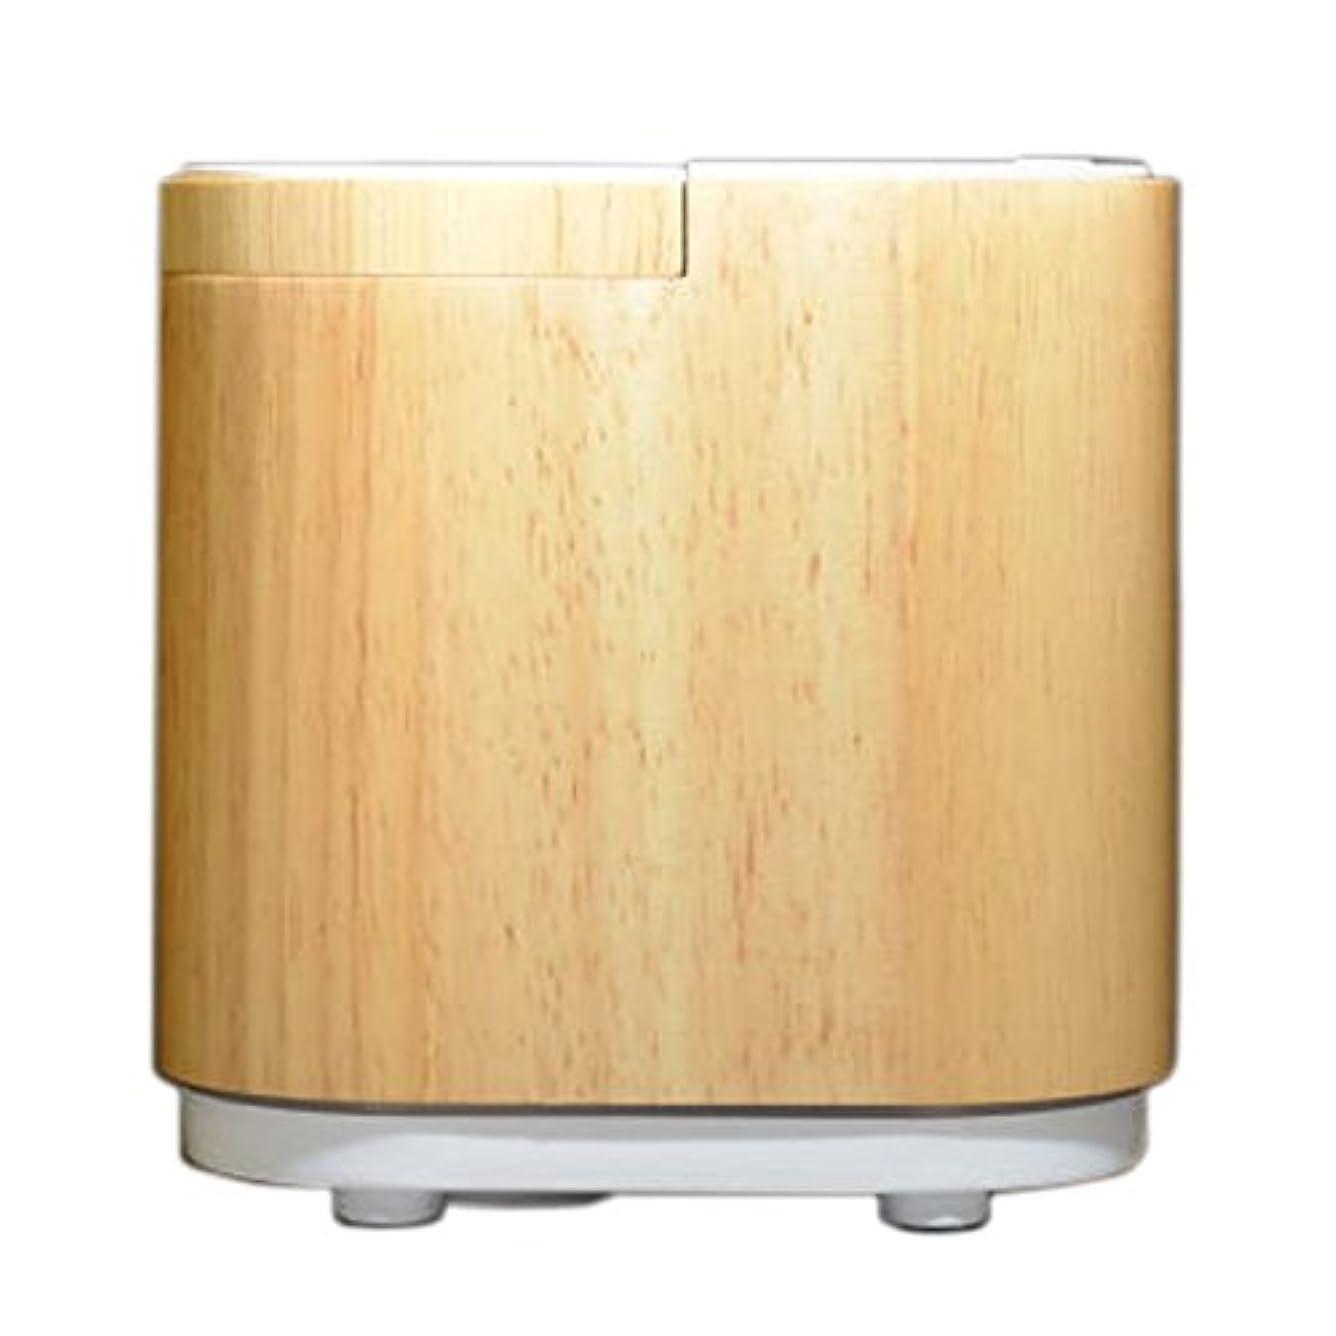 ストッキング汚れる打ち上げる生活の木 アロモアウッド [aromore] エッセンシャルオイルディフューザー アロマディフューザー